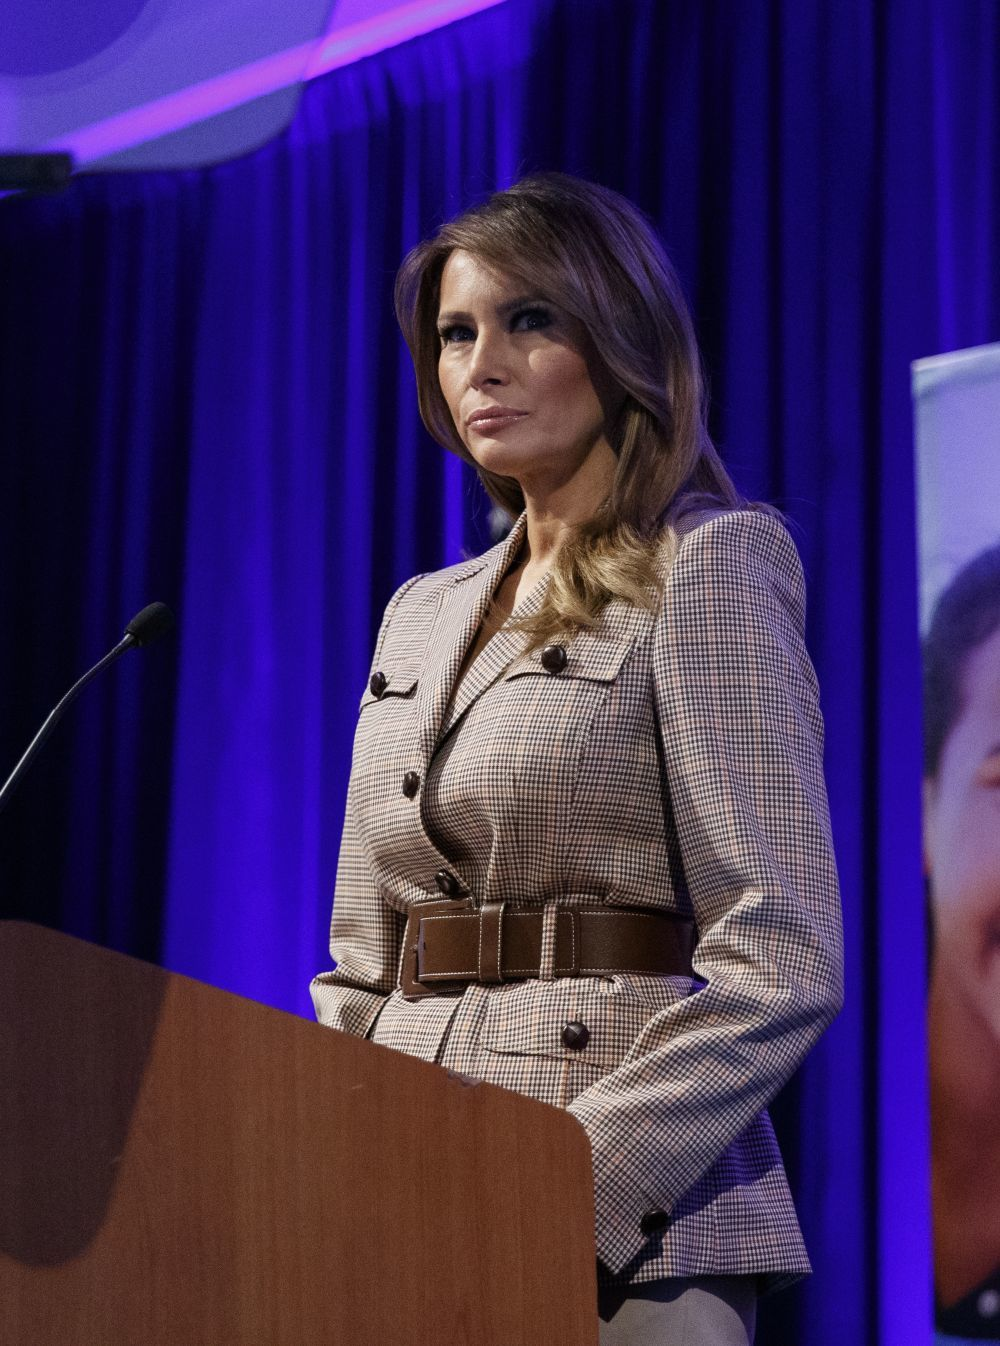 La primera dama de Estados Unidos.